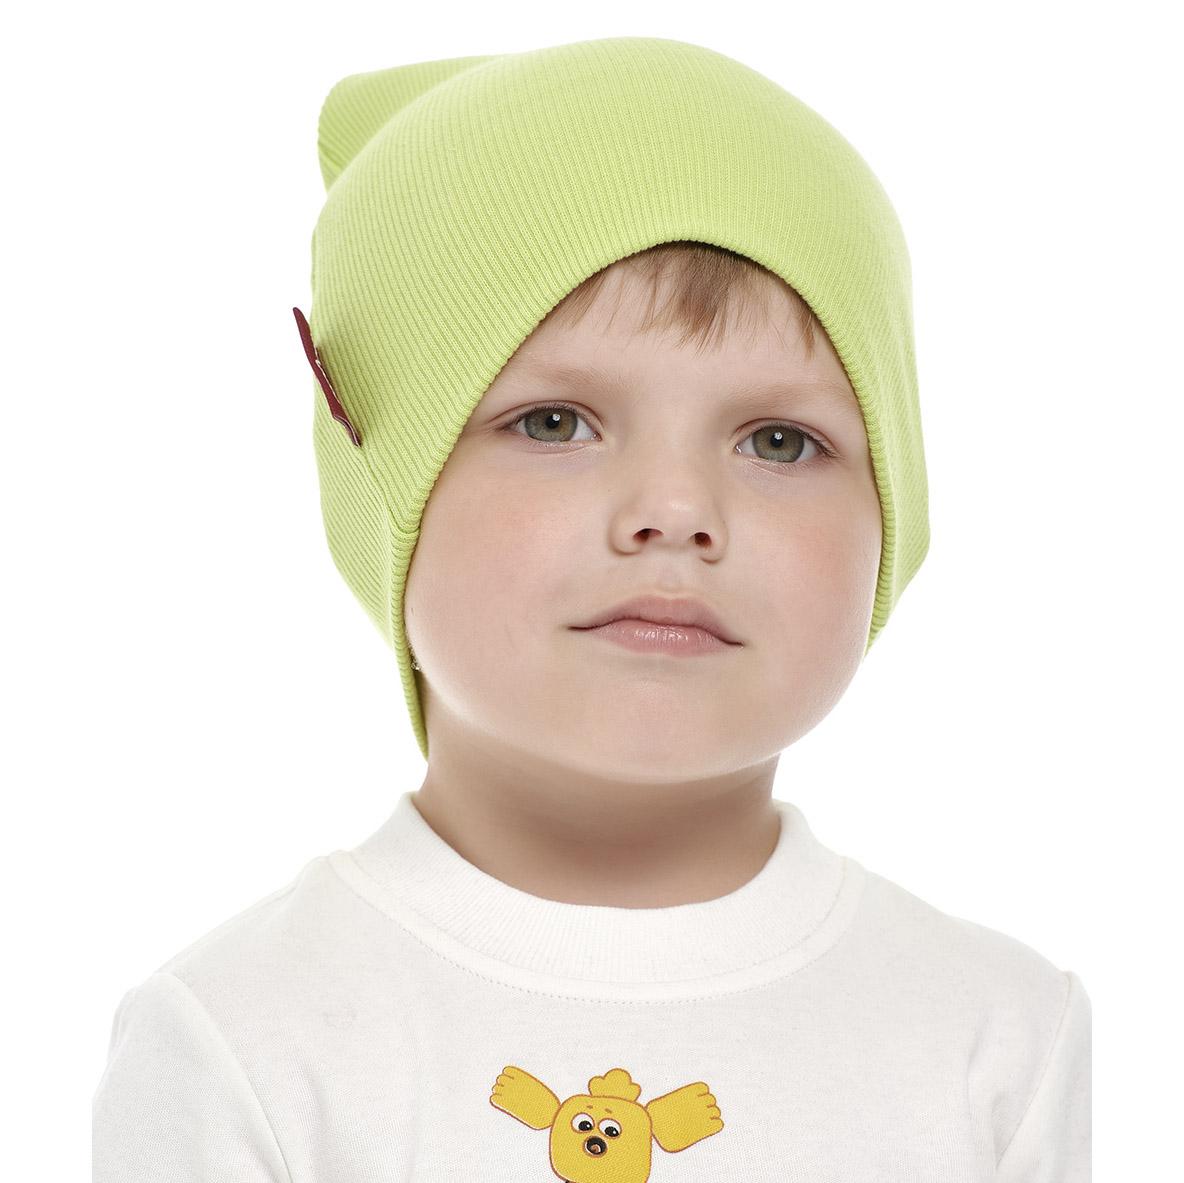 Купить Шапка Lucky Child Ми-ми-мишки зеленая 47, Зелёный, Кашкорсе, Для мальчиков, Осень-Зима,